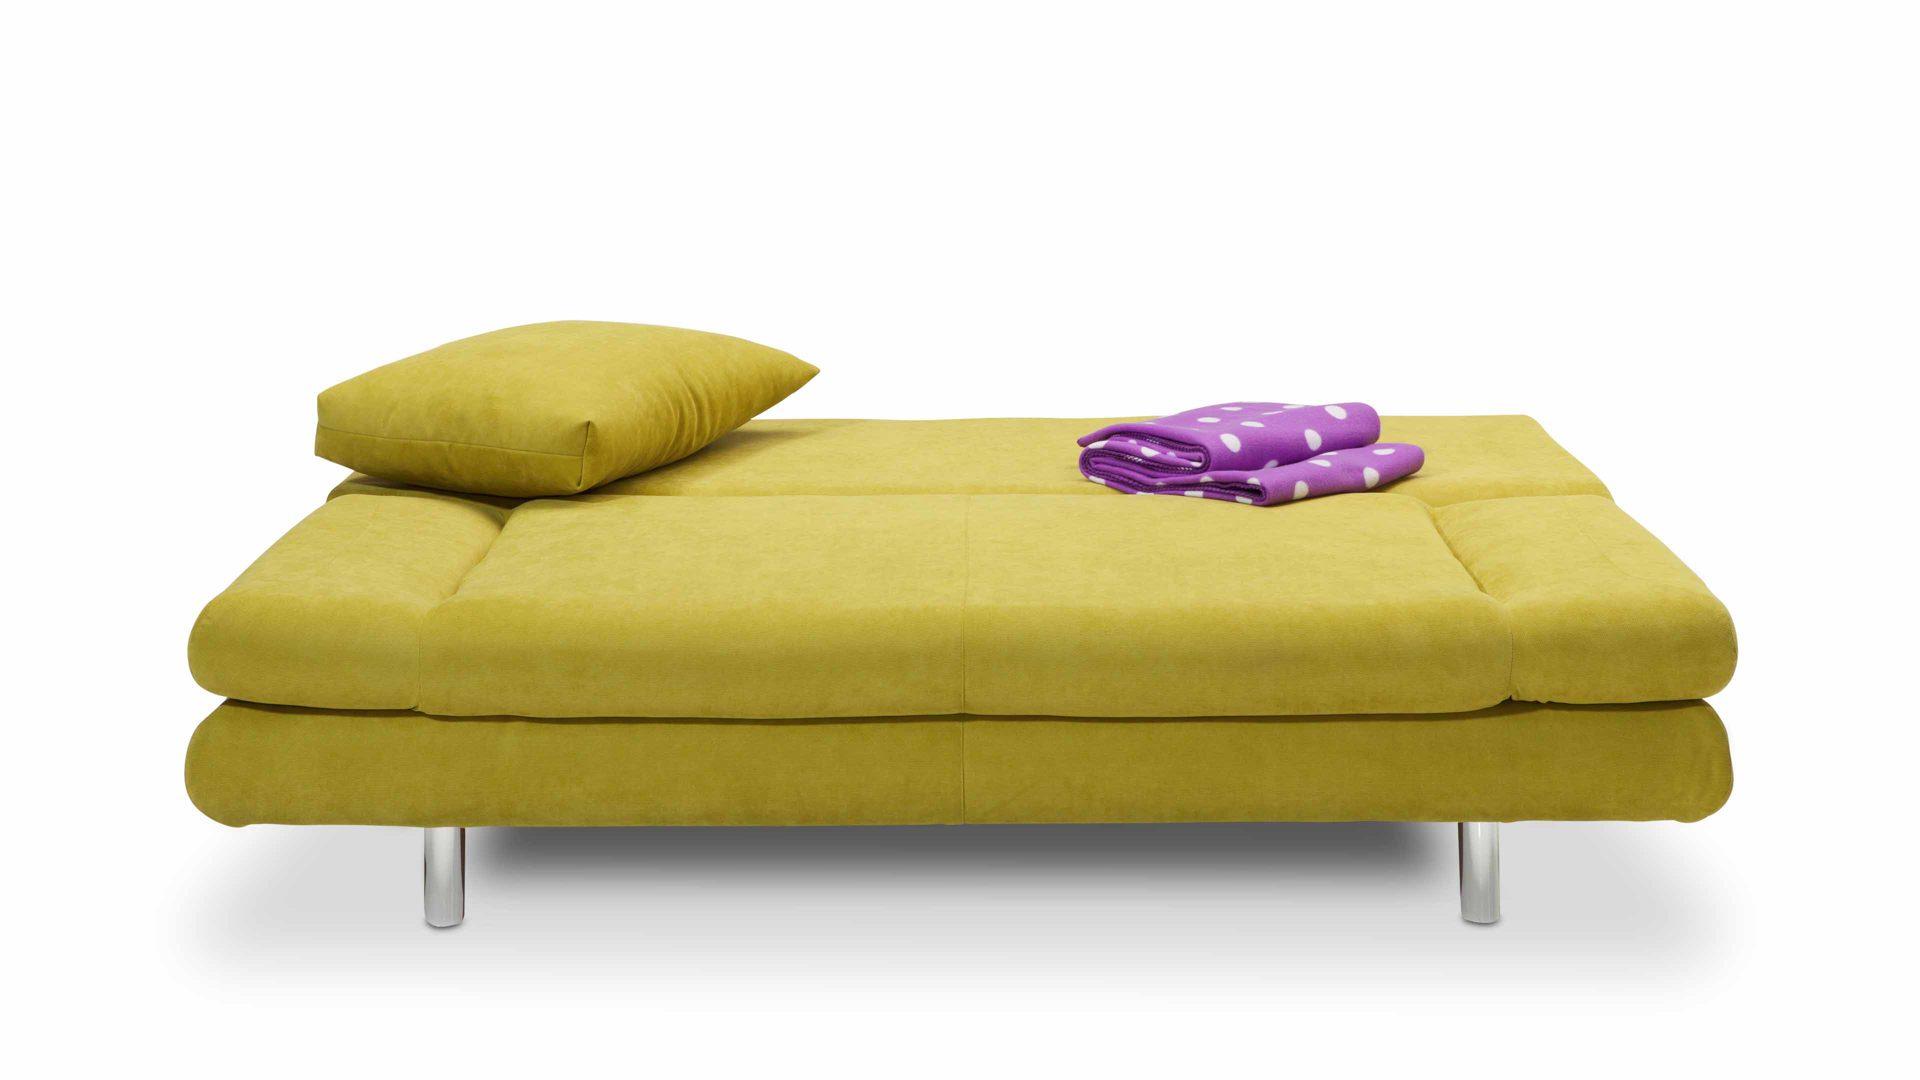 Bett Sofa schlafcouch polstermöbel und bettsofa in einem lemongrüner bezug